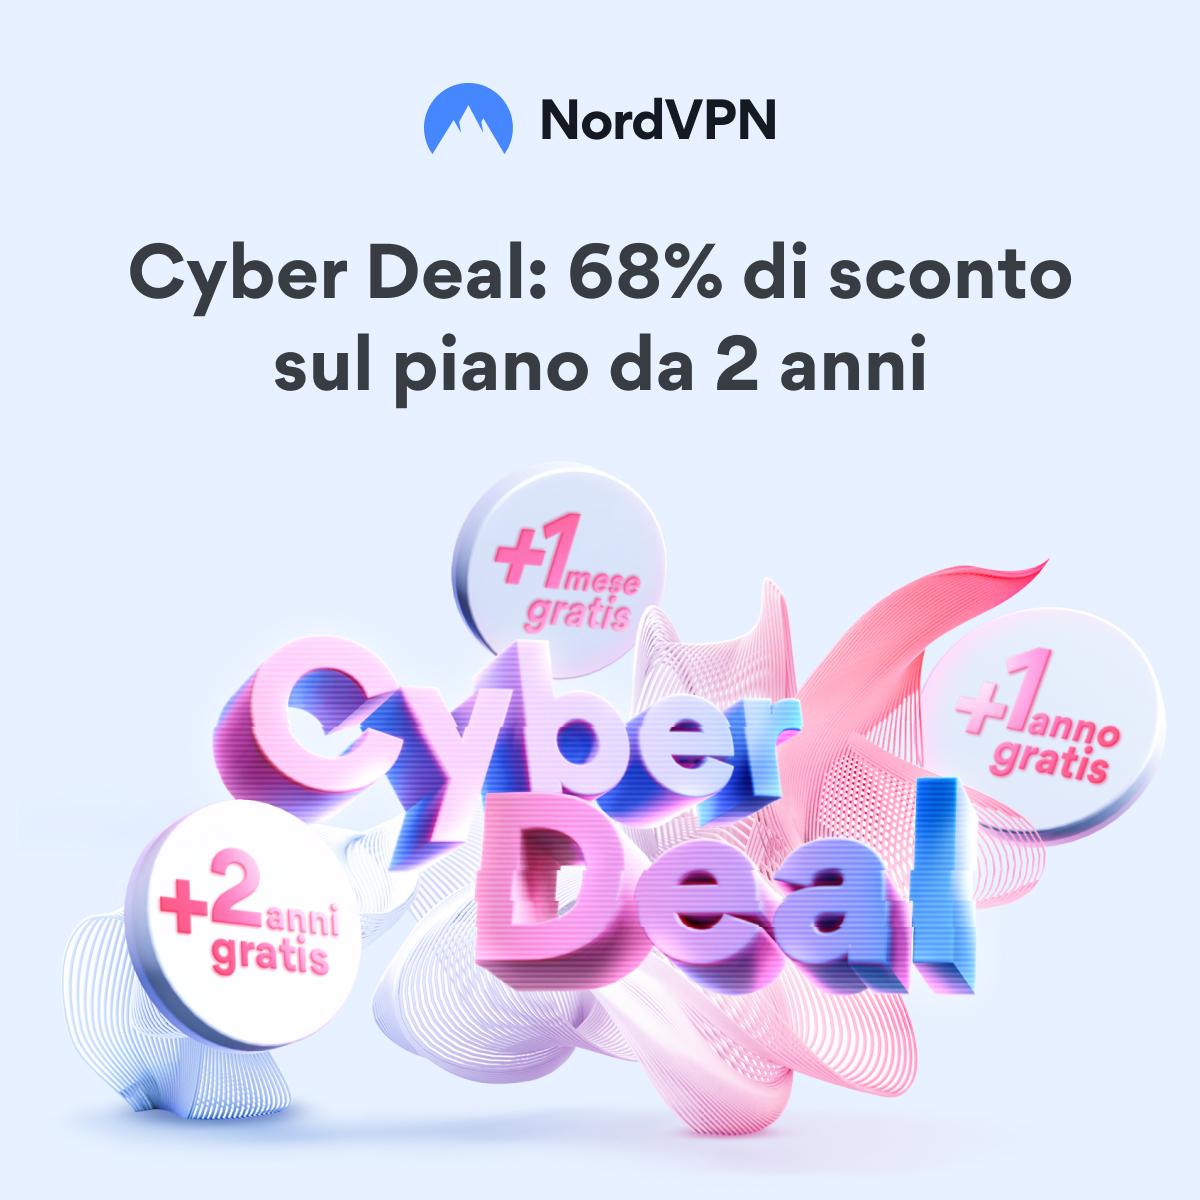 NordVPN - 68% di sconto e fino a 24 mesi in regalo con il Cyber-Deal